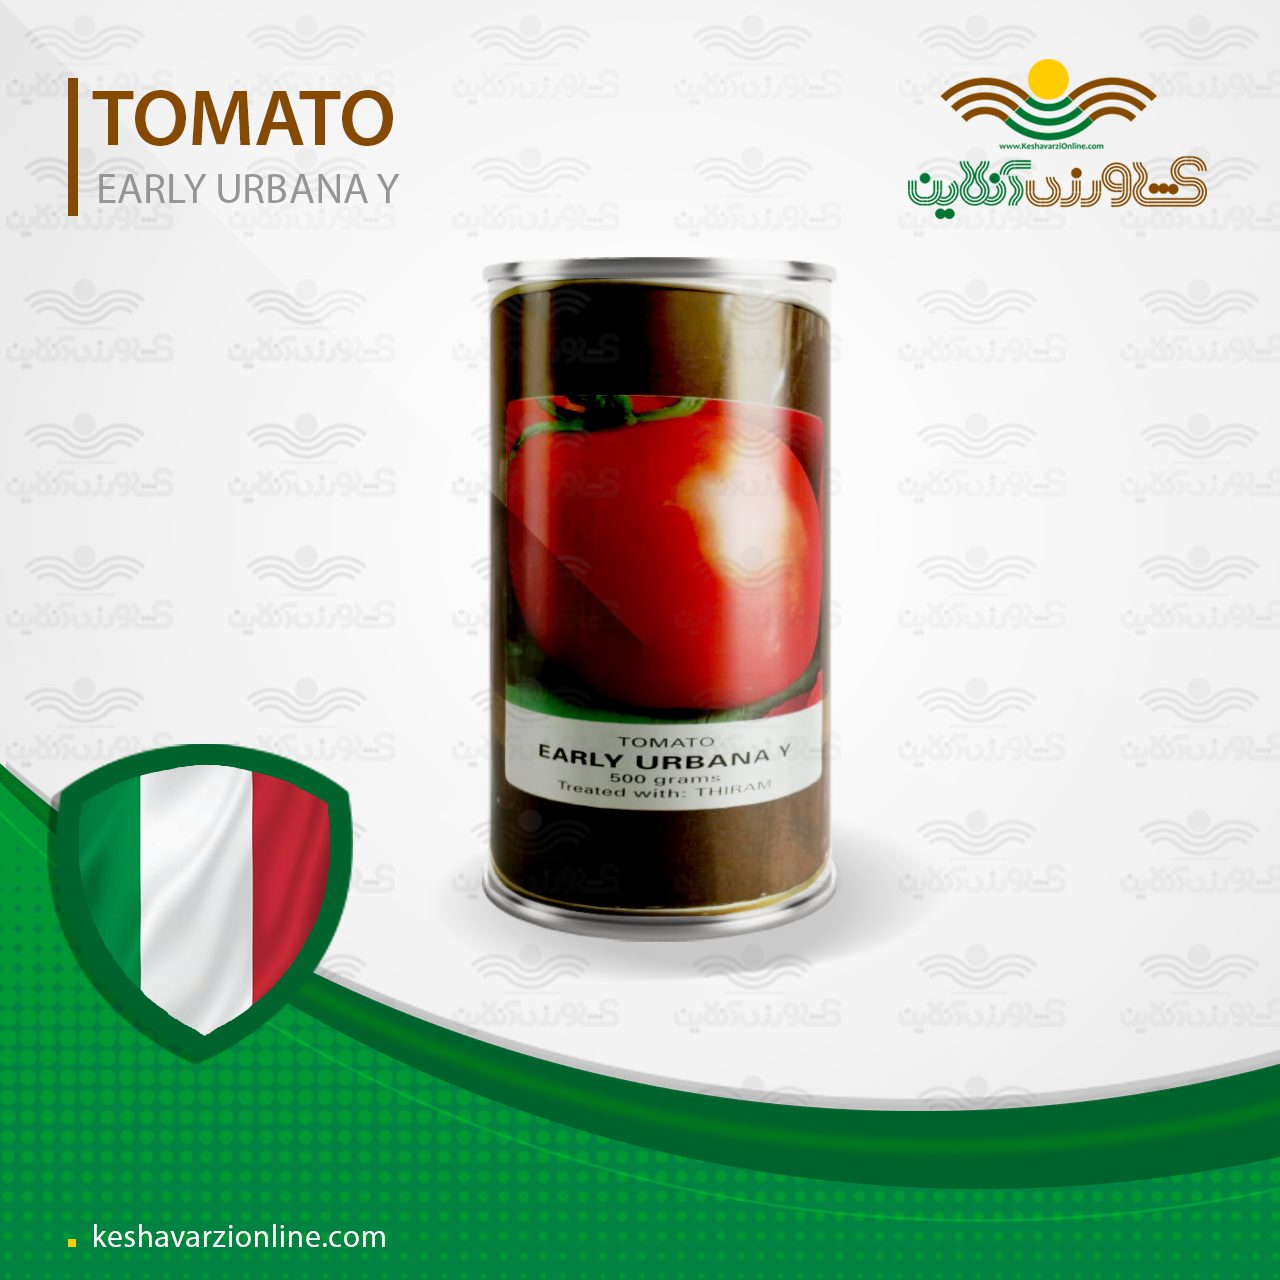 بذر گوجه فرنگی ارلی اوربانا وای کنیون ایتالیا نیم کیلویی